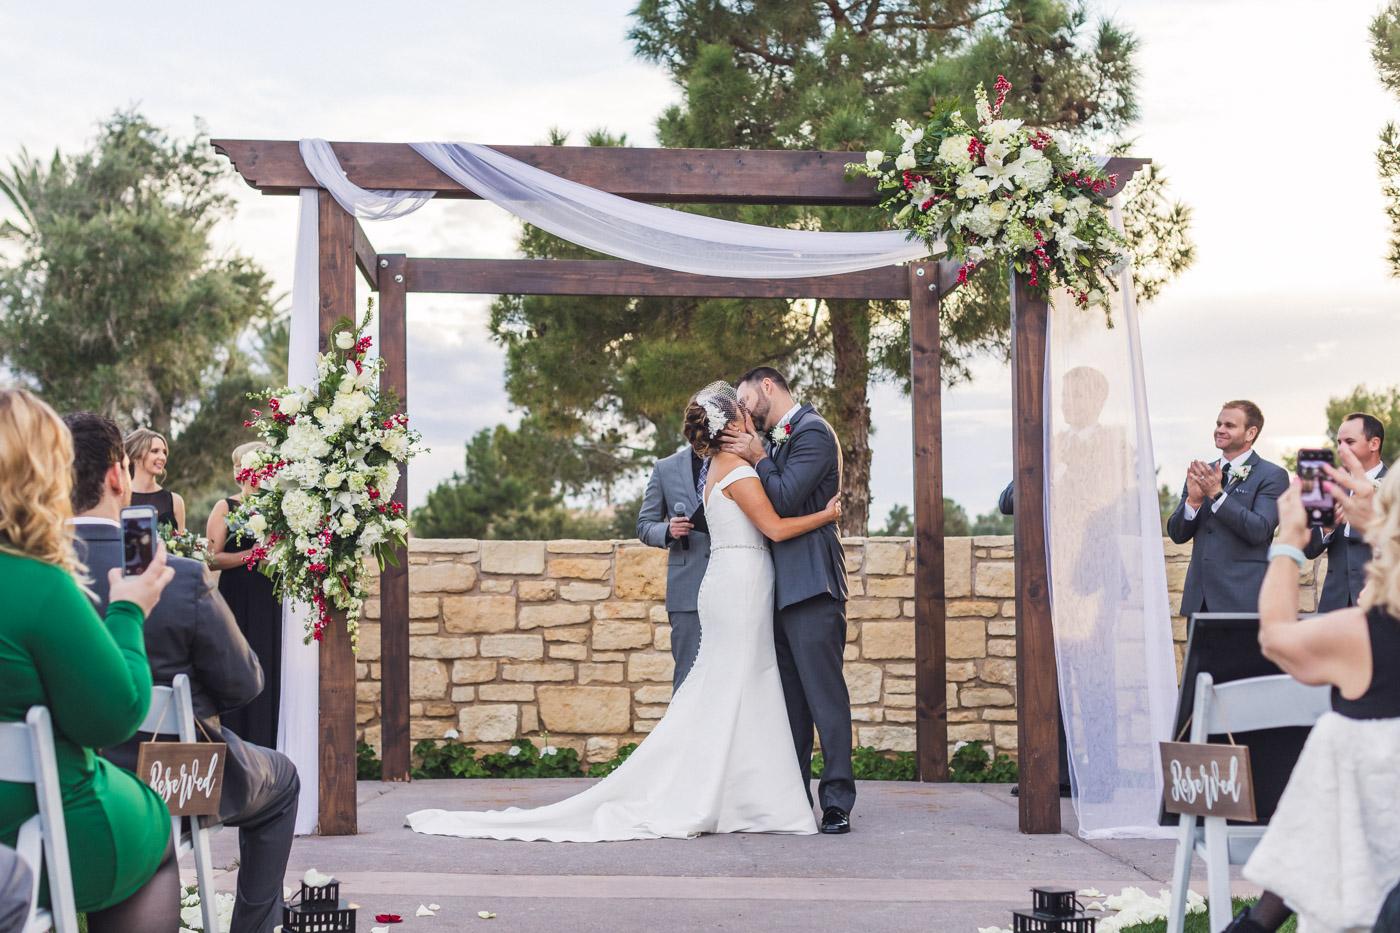 aaron-kes-photography-wedgewood-ocotillo-wedding-15.jpg